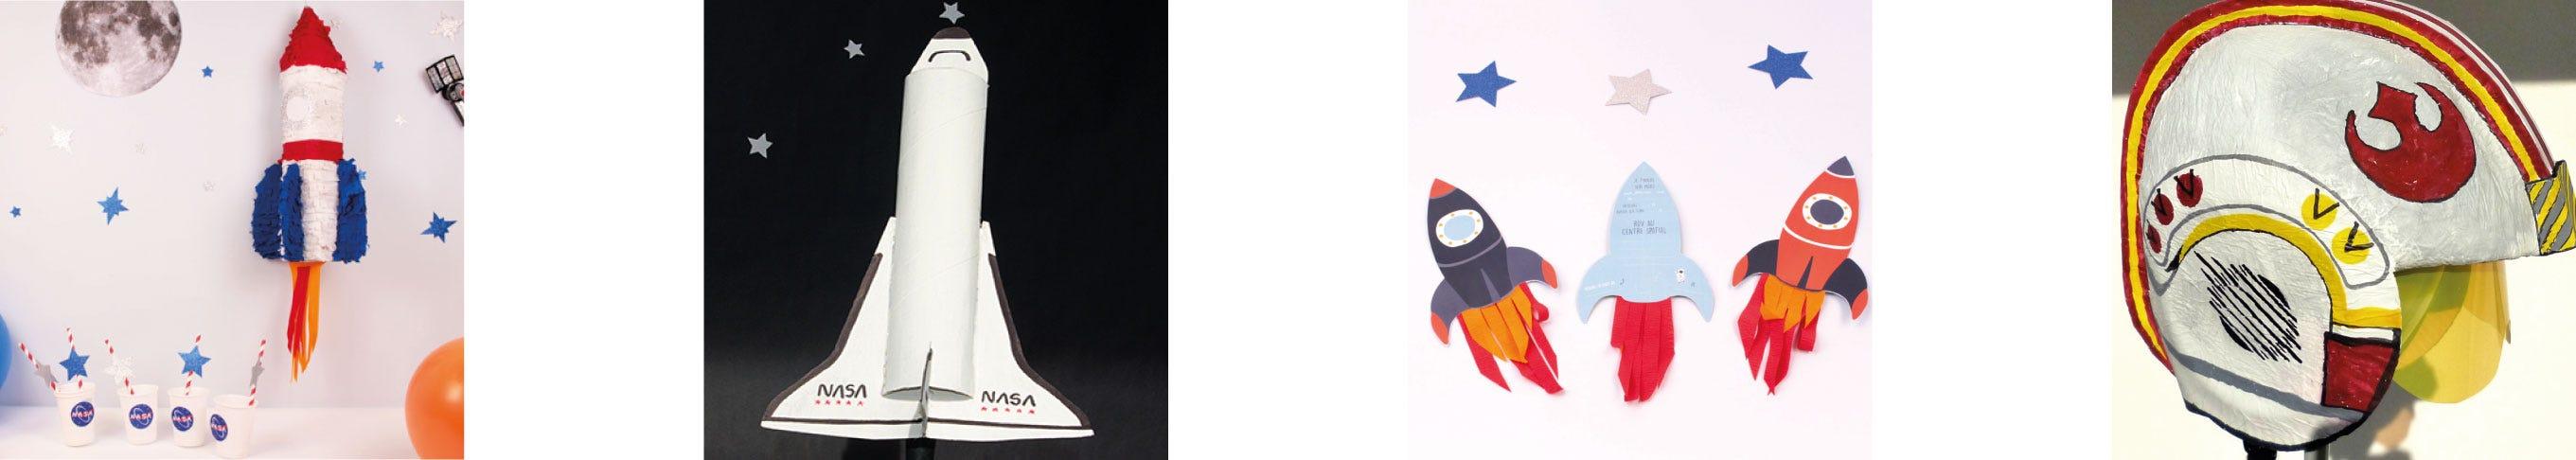 talleres DIY para niños sobre el espacio